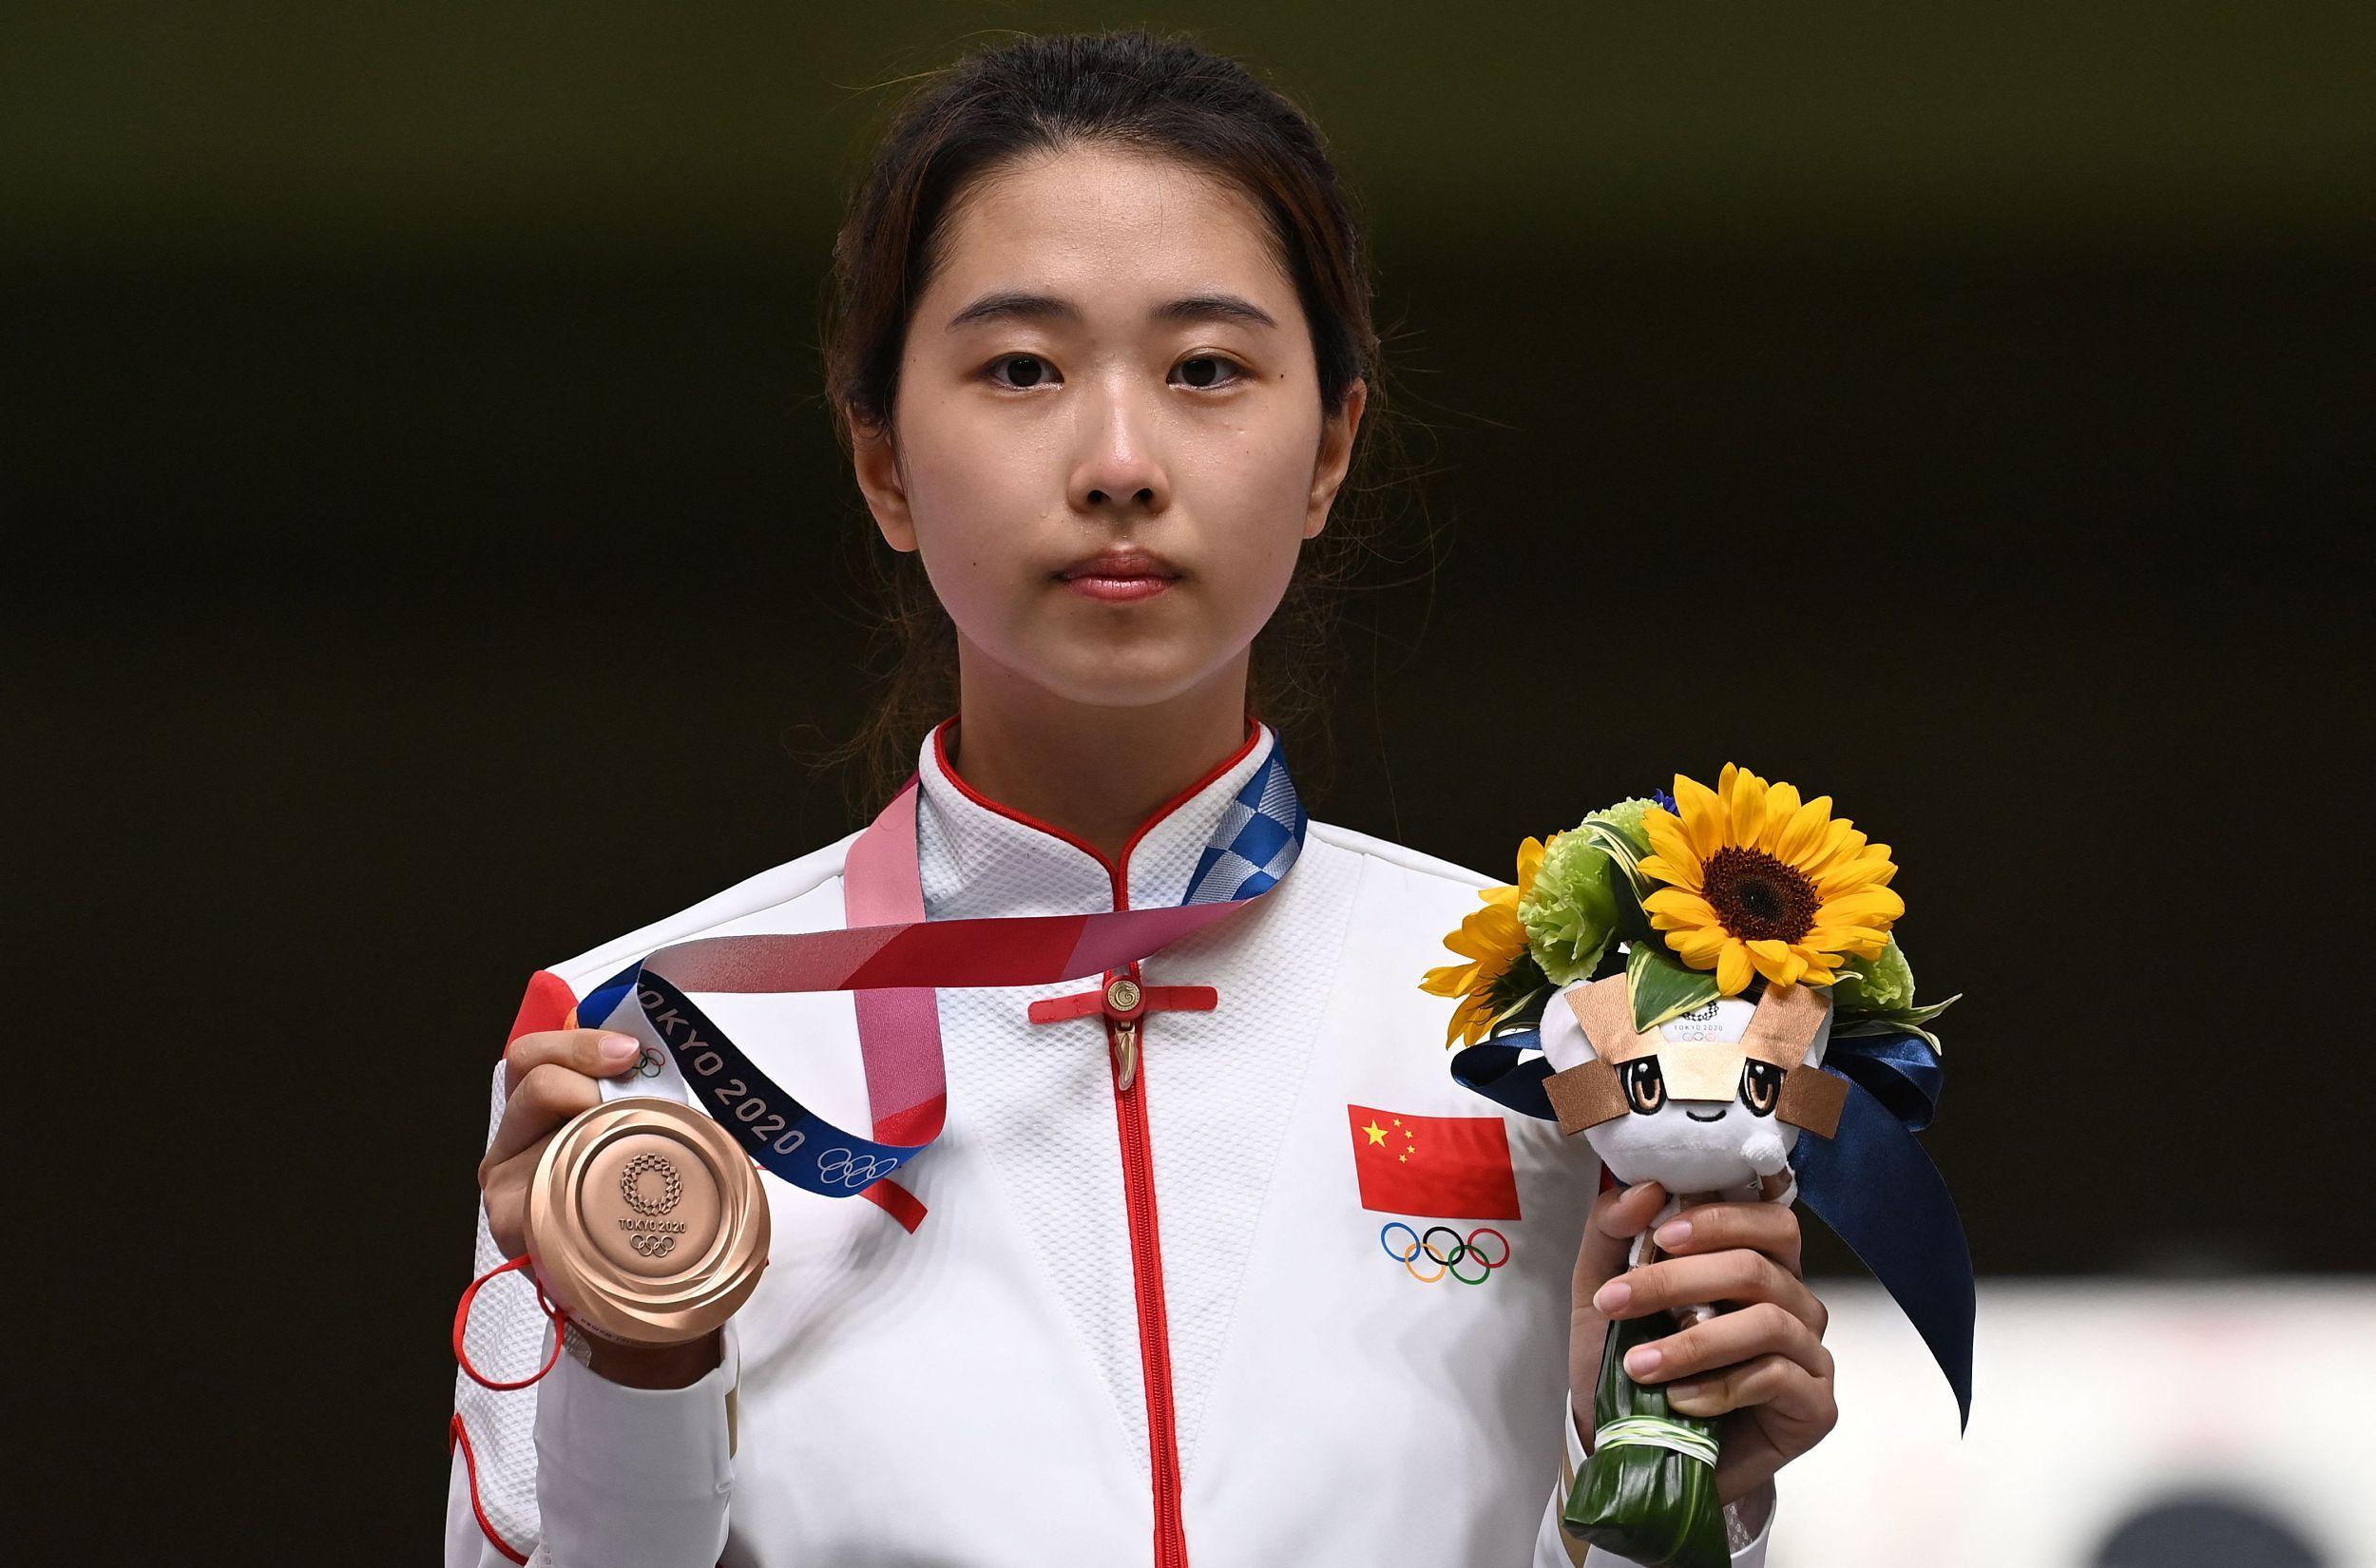 中国小将肖嘉芮萱摘得铜牌 前方记者和您聊聊现场感受